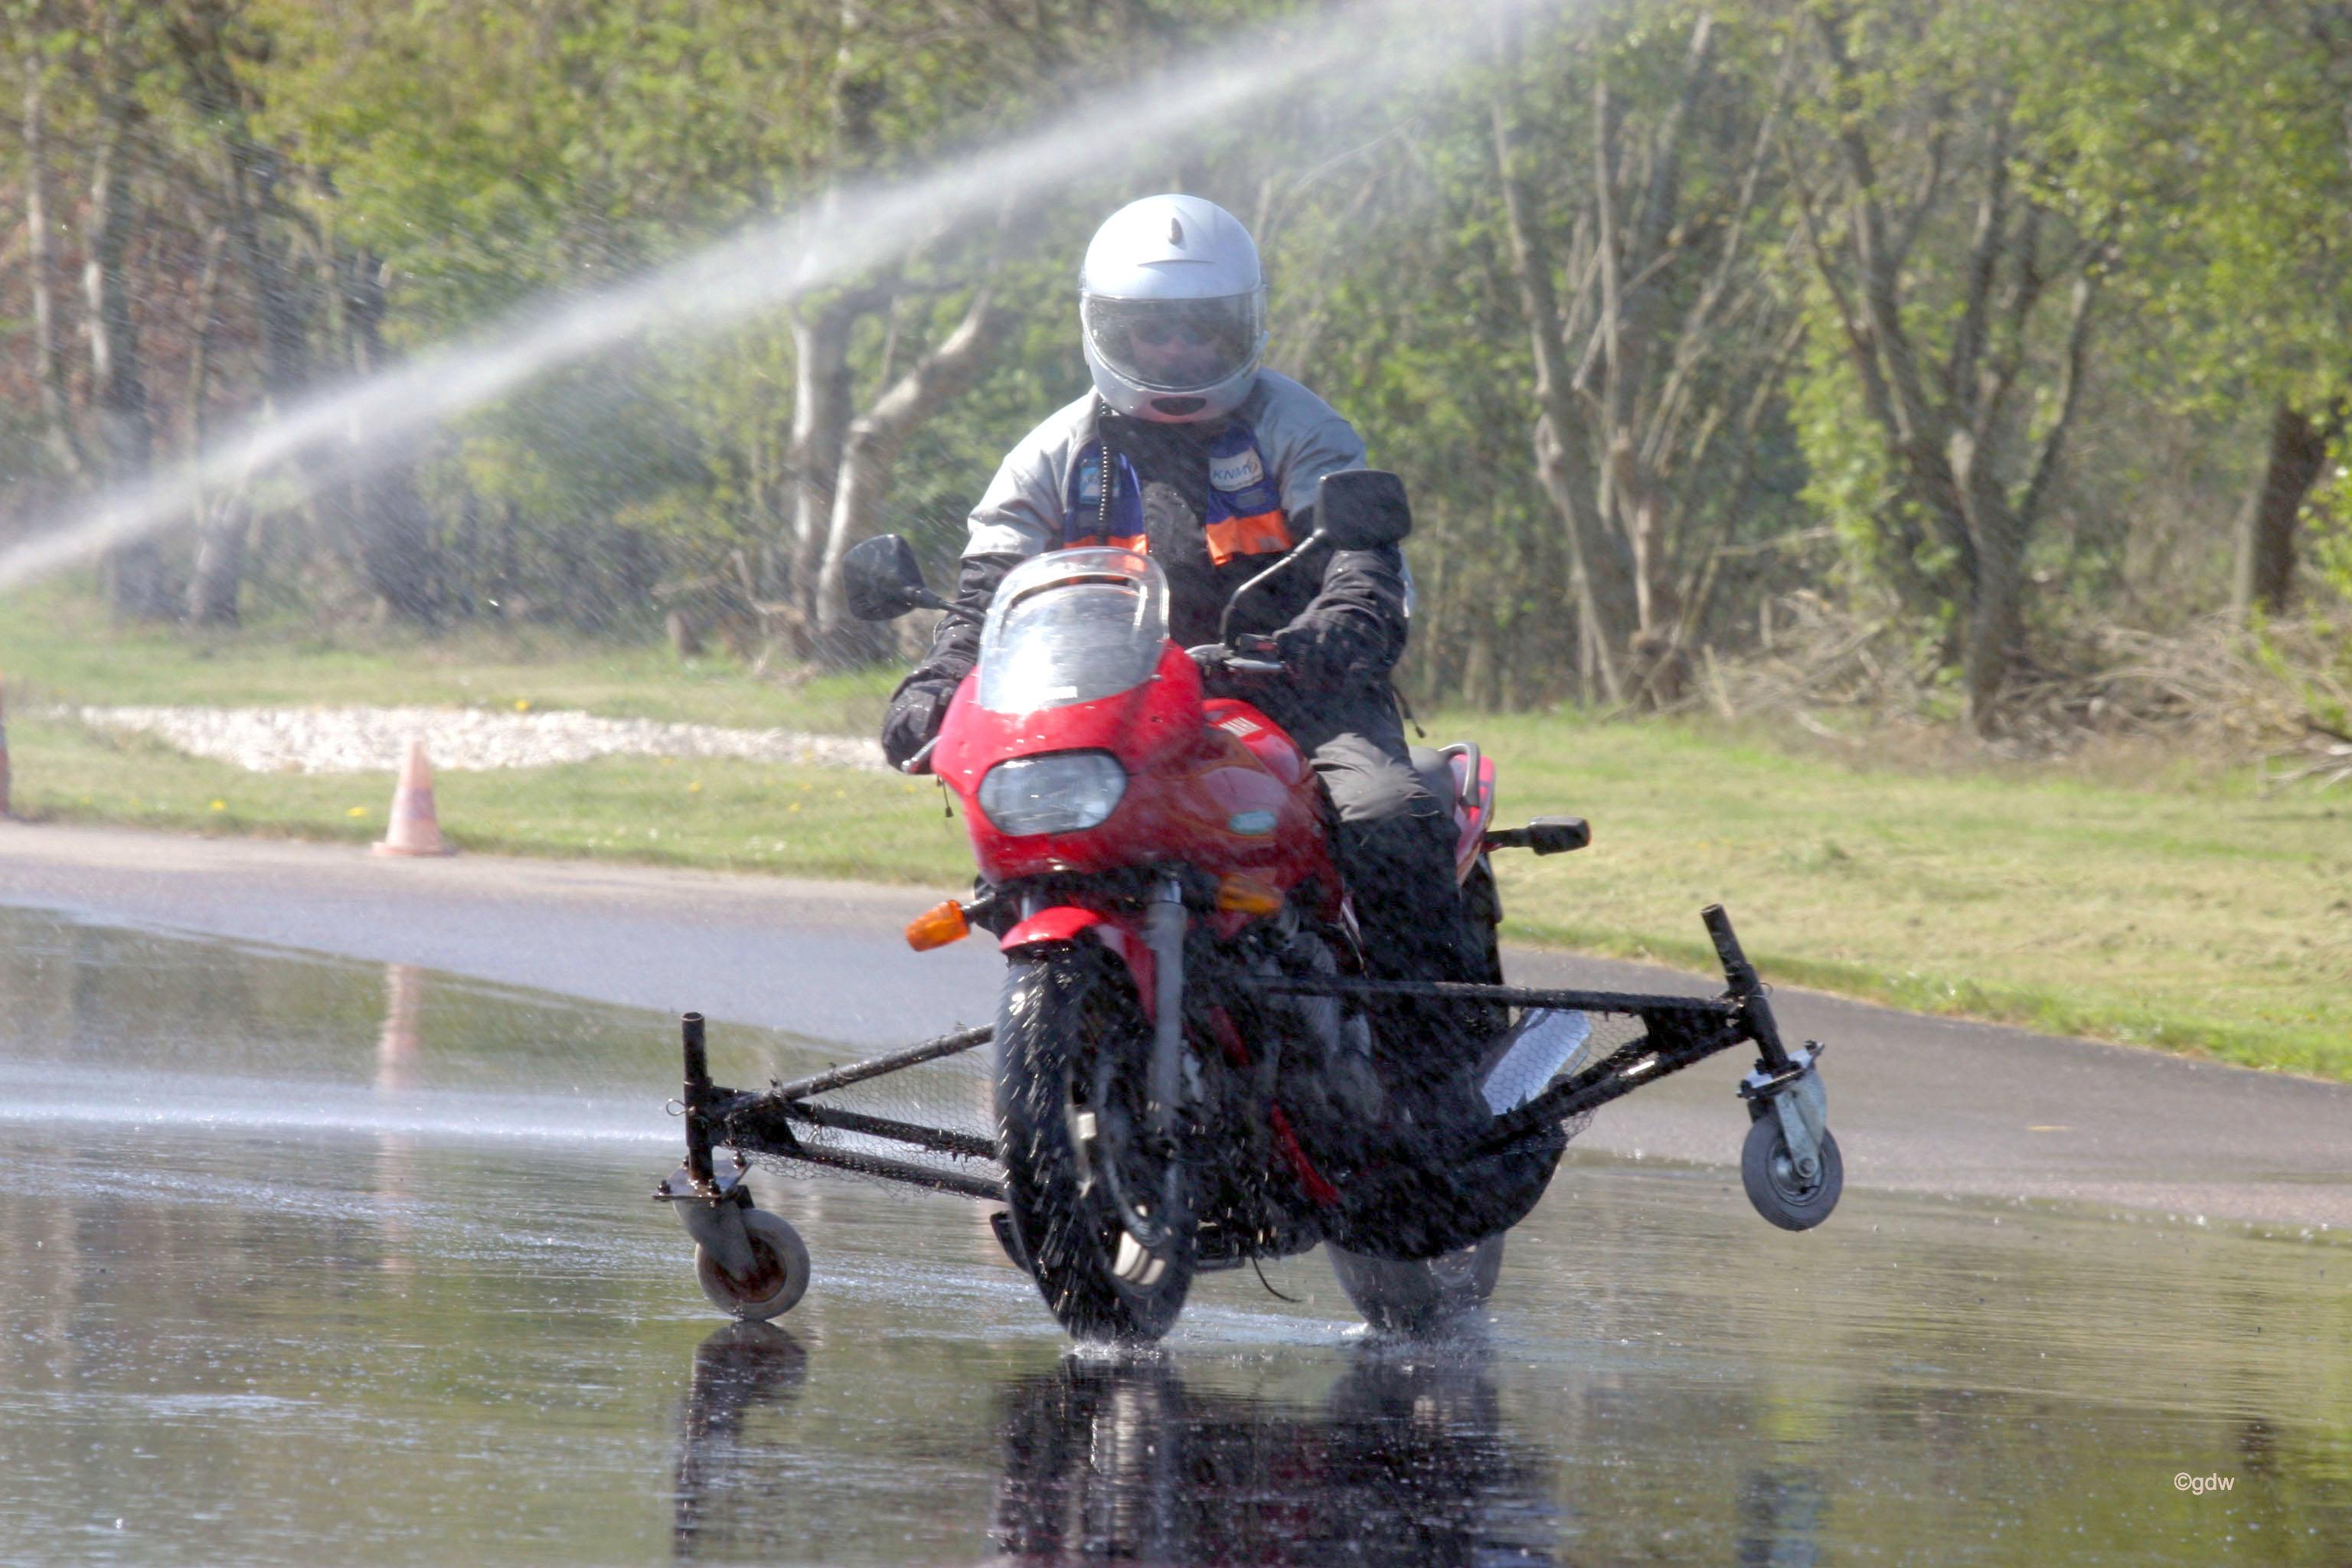 De slipcursus waarbij de motorrijder op een motor van DIBO met zijwielen op het slipvlak aan het glijden is